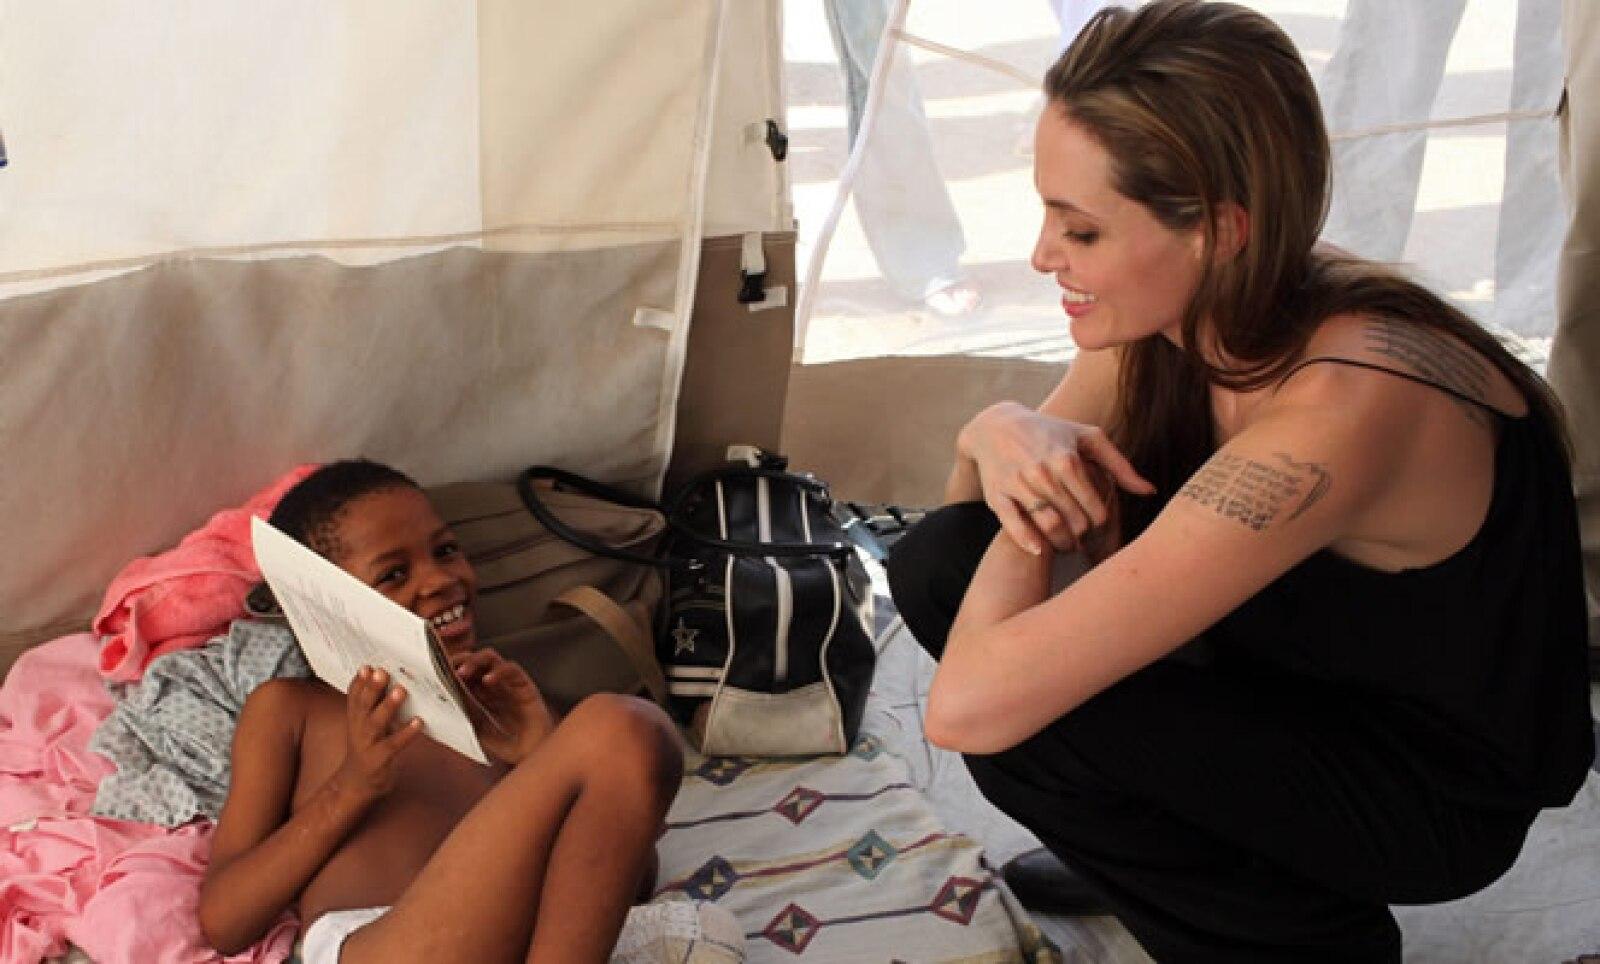 Tras el terremoto en Haití de 2010 que dejó más de 150,000 personas muertas, Angelina Jolie se reunió con niños sobrevivientes.